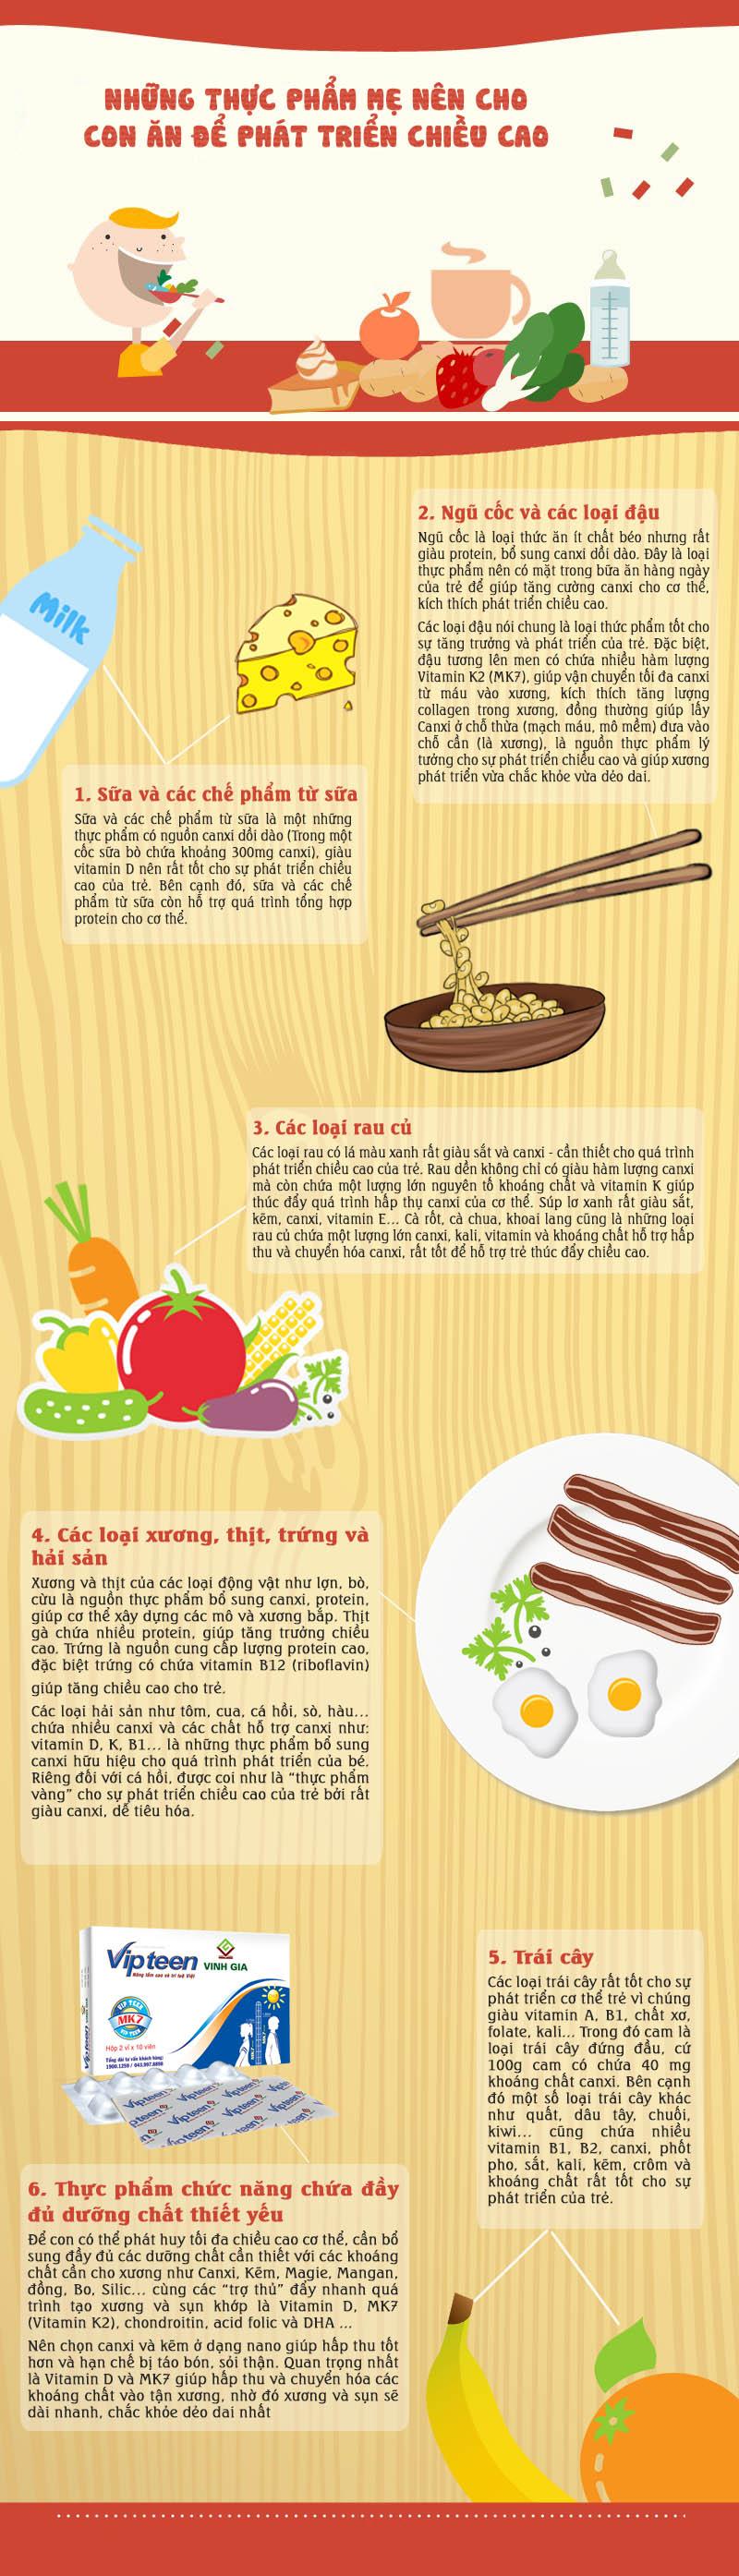 Những thực phẩm bổ sung canxi giúp bé phát triển chiều cao 1